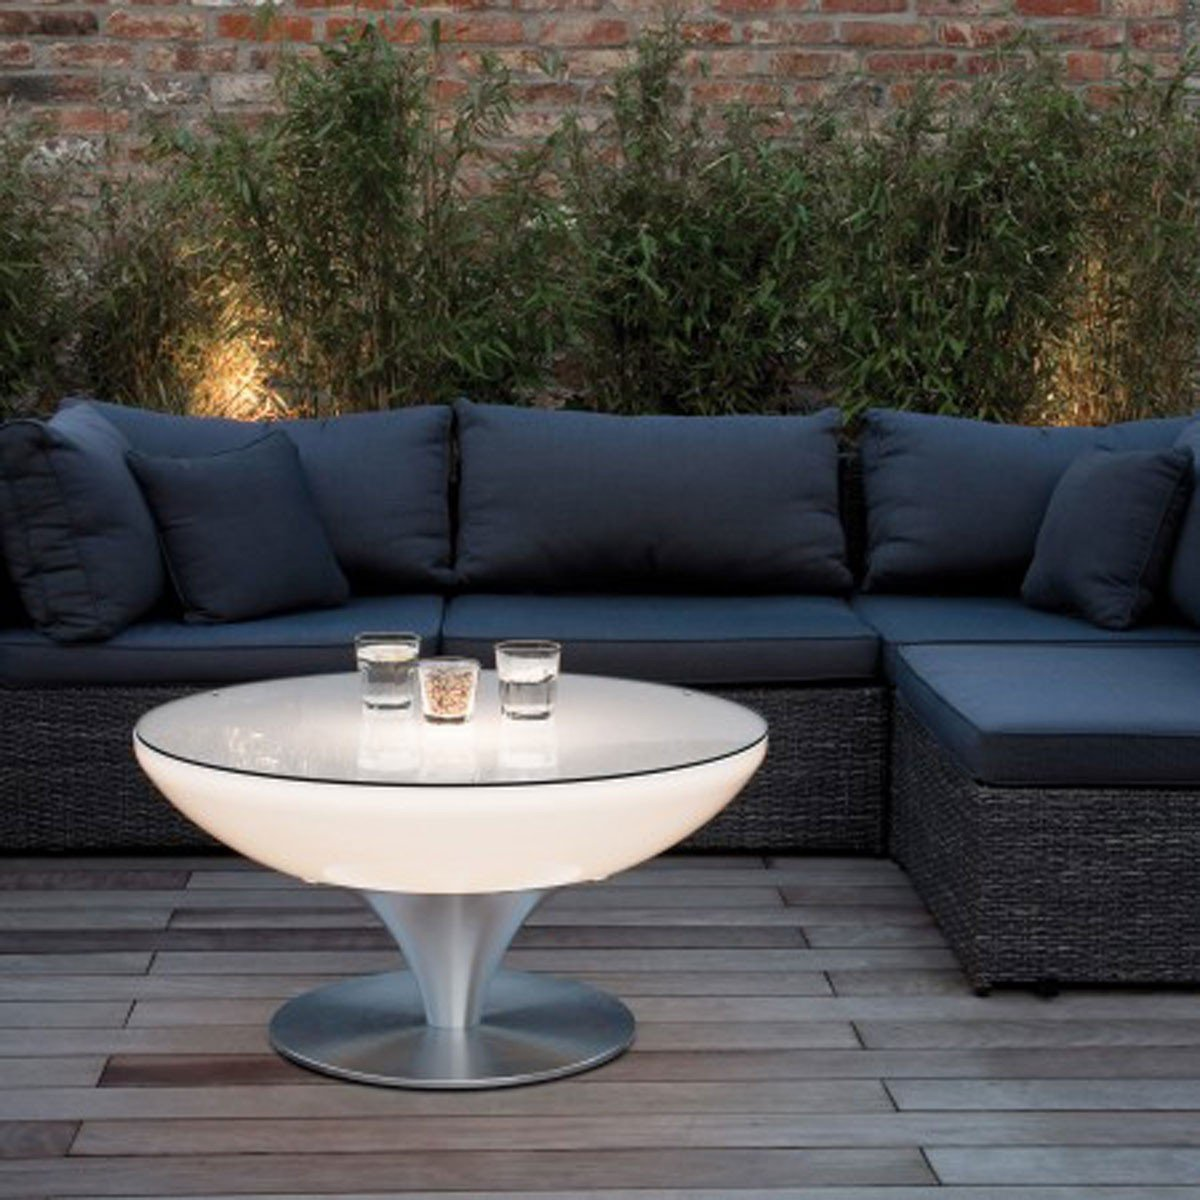 Couchtisch Lounge Größe: 45 cm H x 84 cm Ø jetzt bestellen